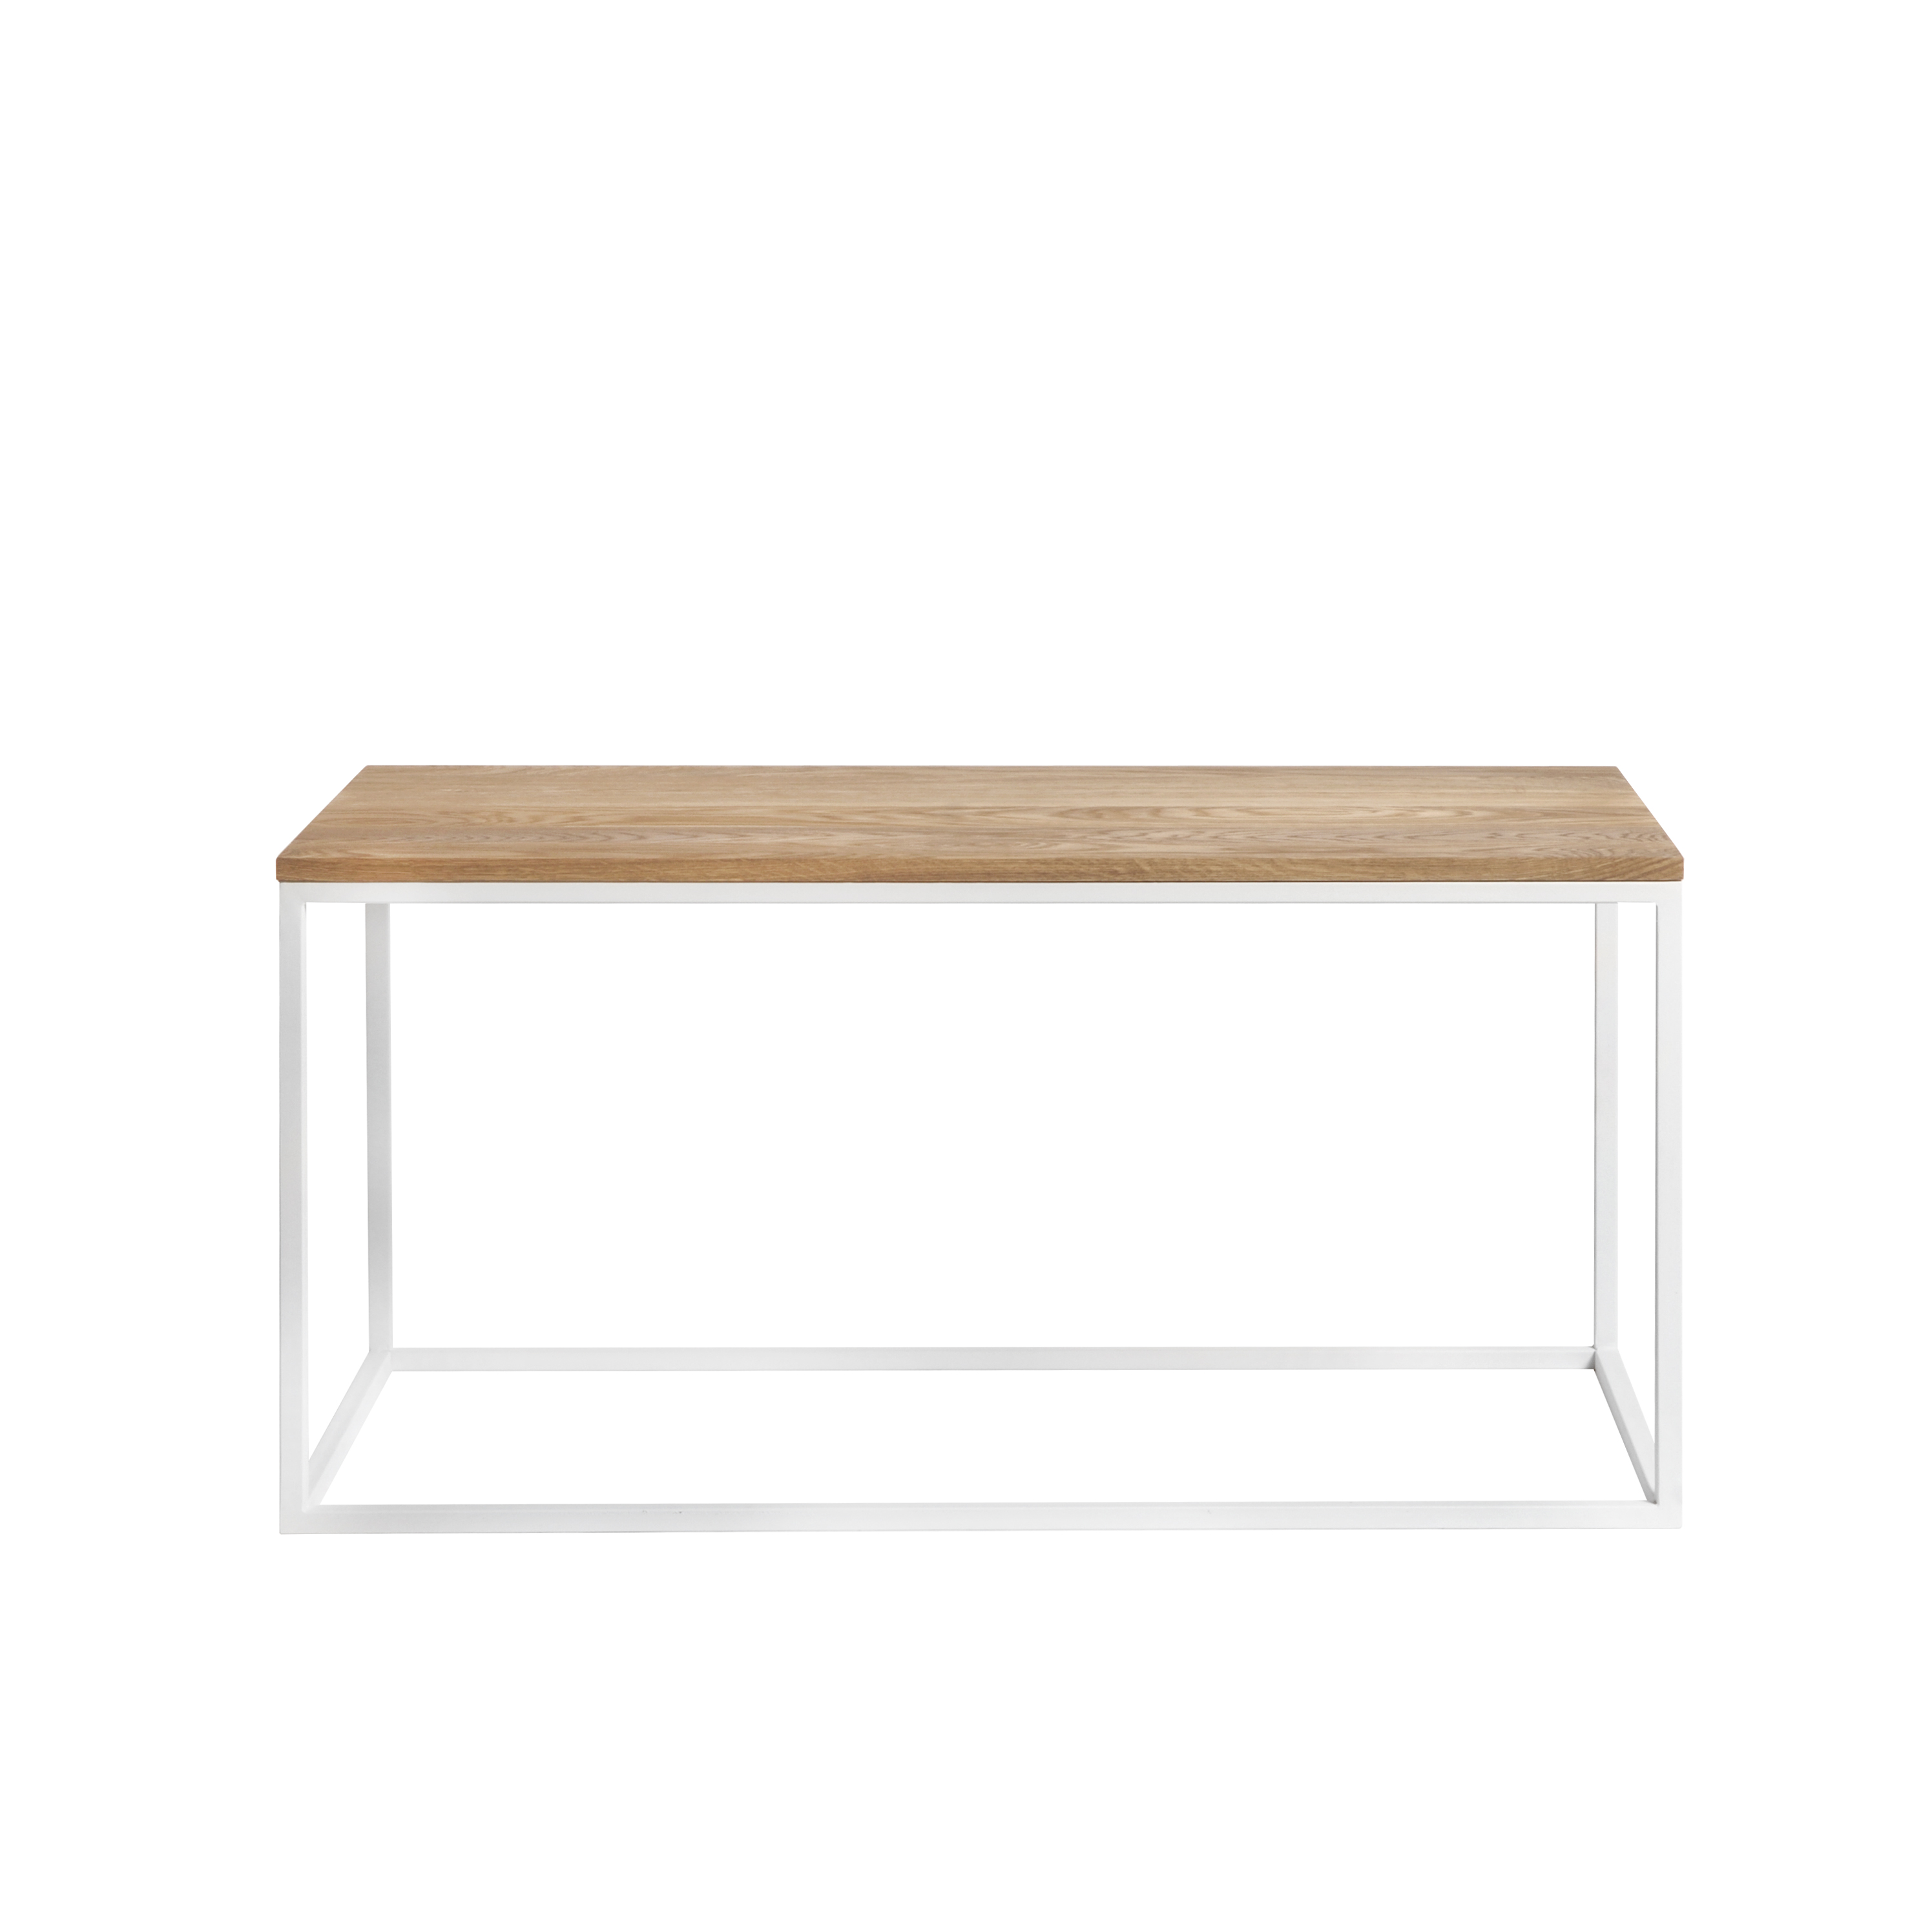 Журнальный/кофейный столик Darmian white, тёмный дубЖурнальные столики<br><br>